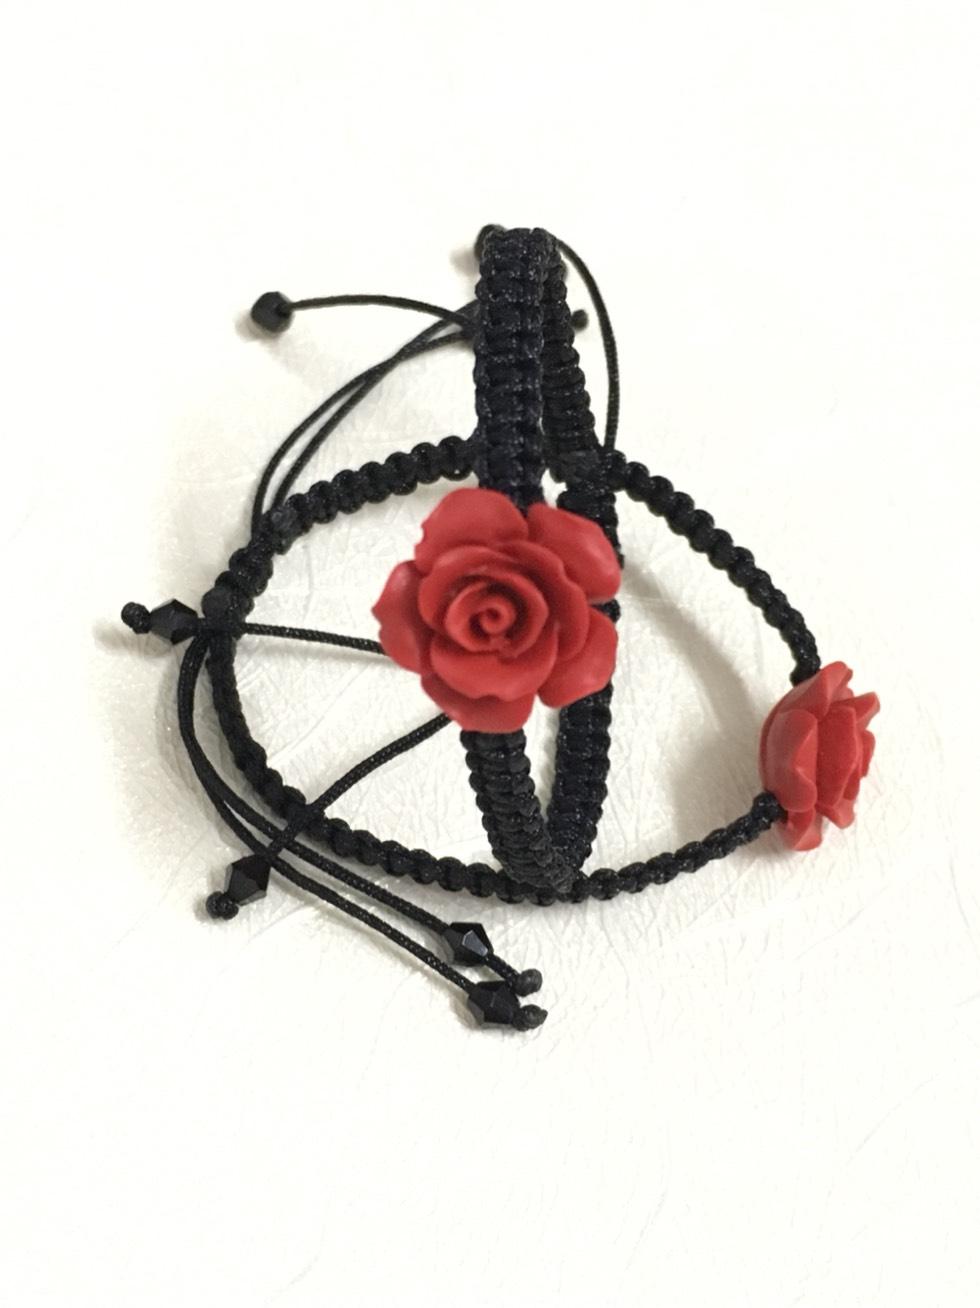 中国结论坛 朱砂玫瑰手绳 编织手链 红绳,孕妇可以带朱砂手绳吗,一根红绳怎么编手链,两股手绳收尾打结图解 作品展示 225643zixi2x21xx1g21za